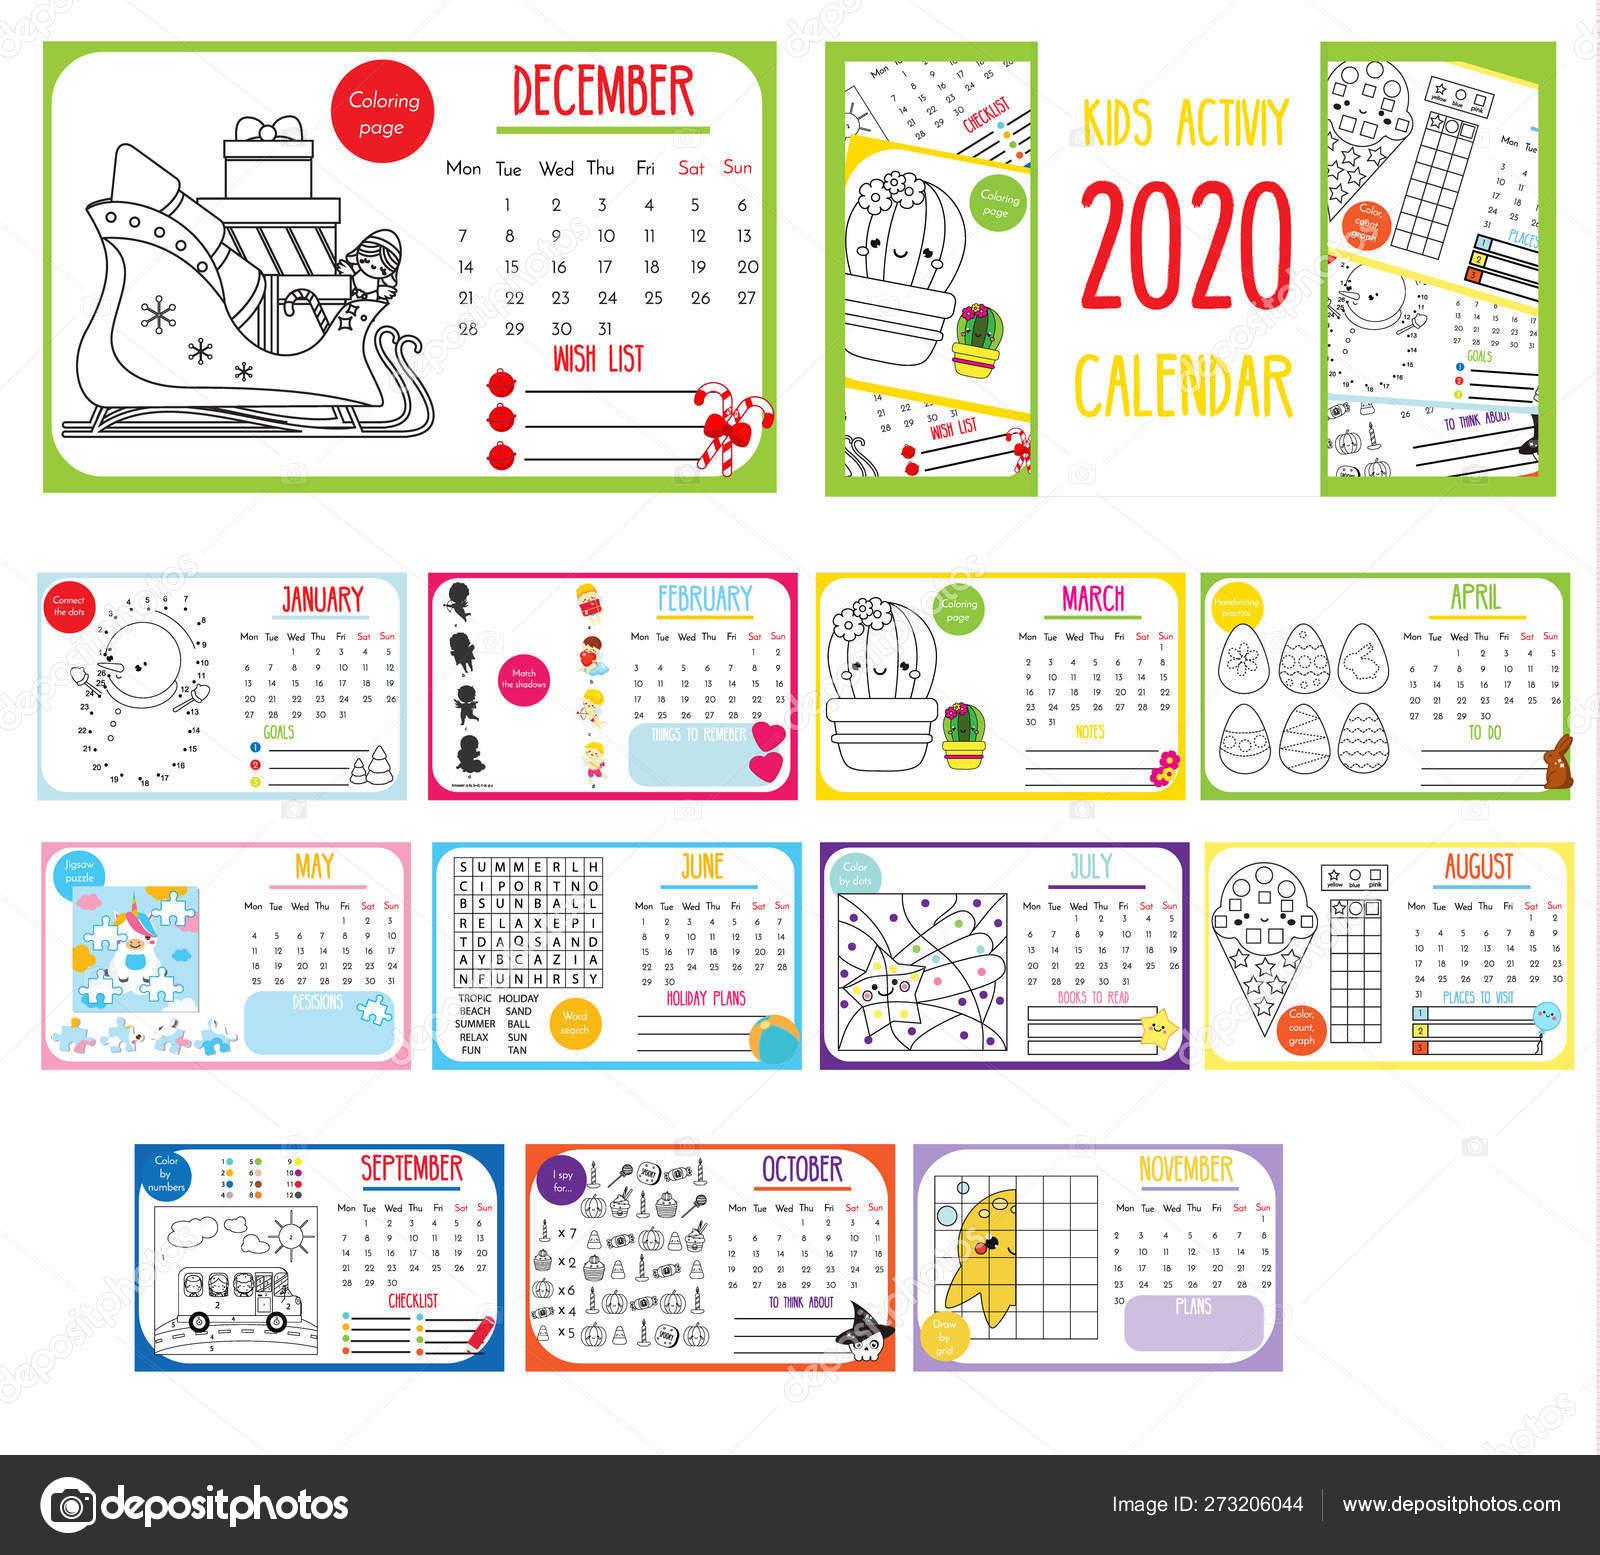 Kids Activity Calendar. 2020 Annual Calendar With